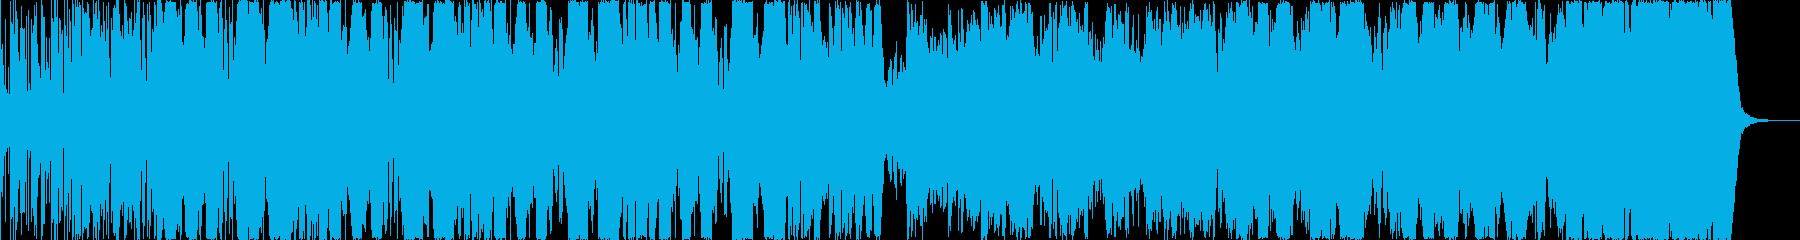 巨大ロボが、ノッシリと歩くような曲ですの再生済みの波形